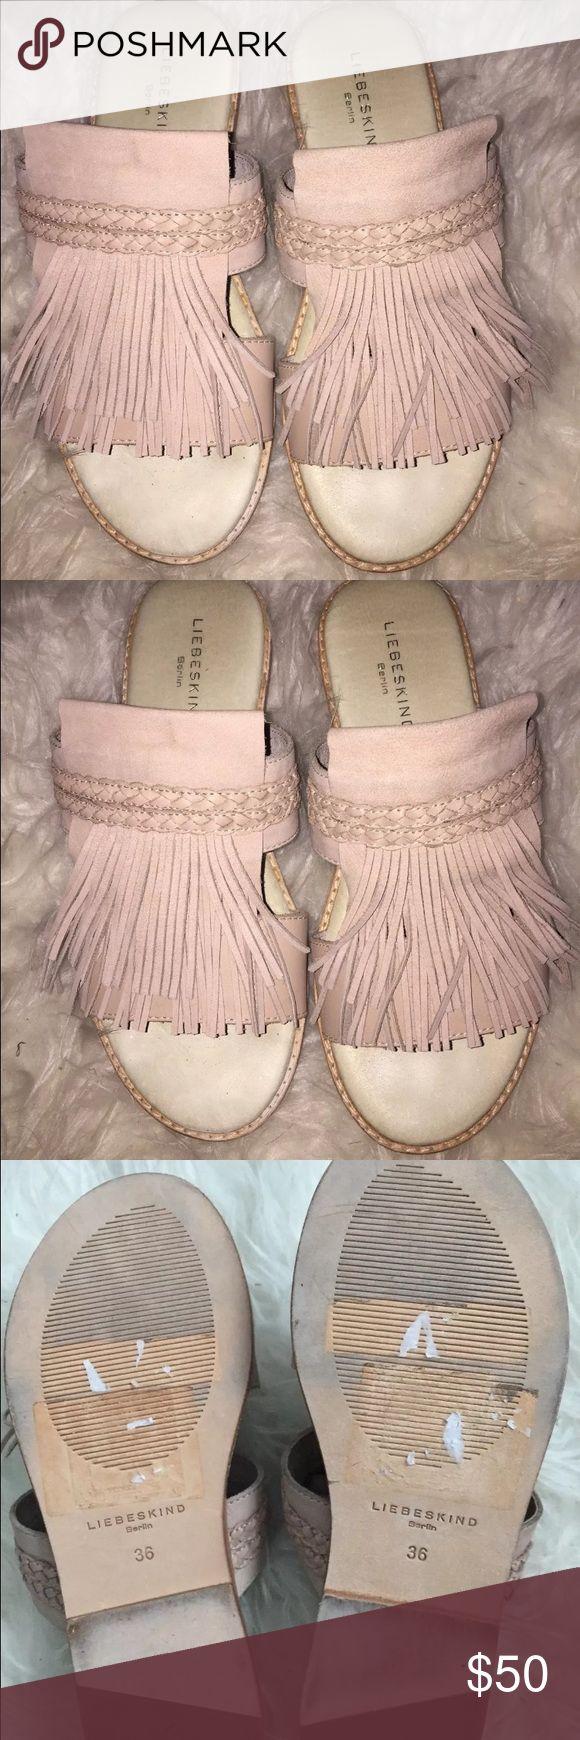 New leatherfringe sandals ANTHROPOLOGIE liebskind Brand new. No flaws. Leather fringe sandal Liebeskind Shoes Sandals